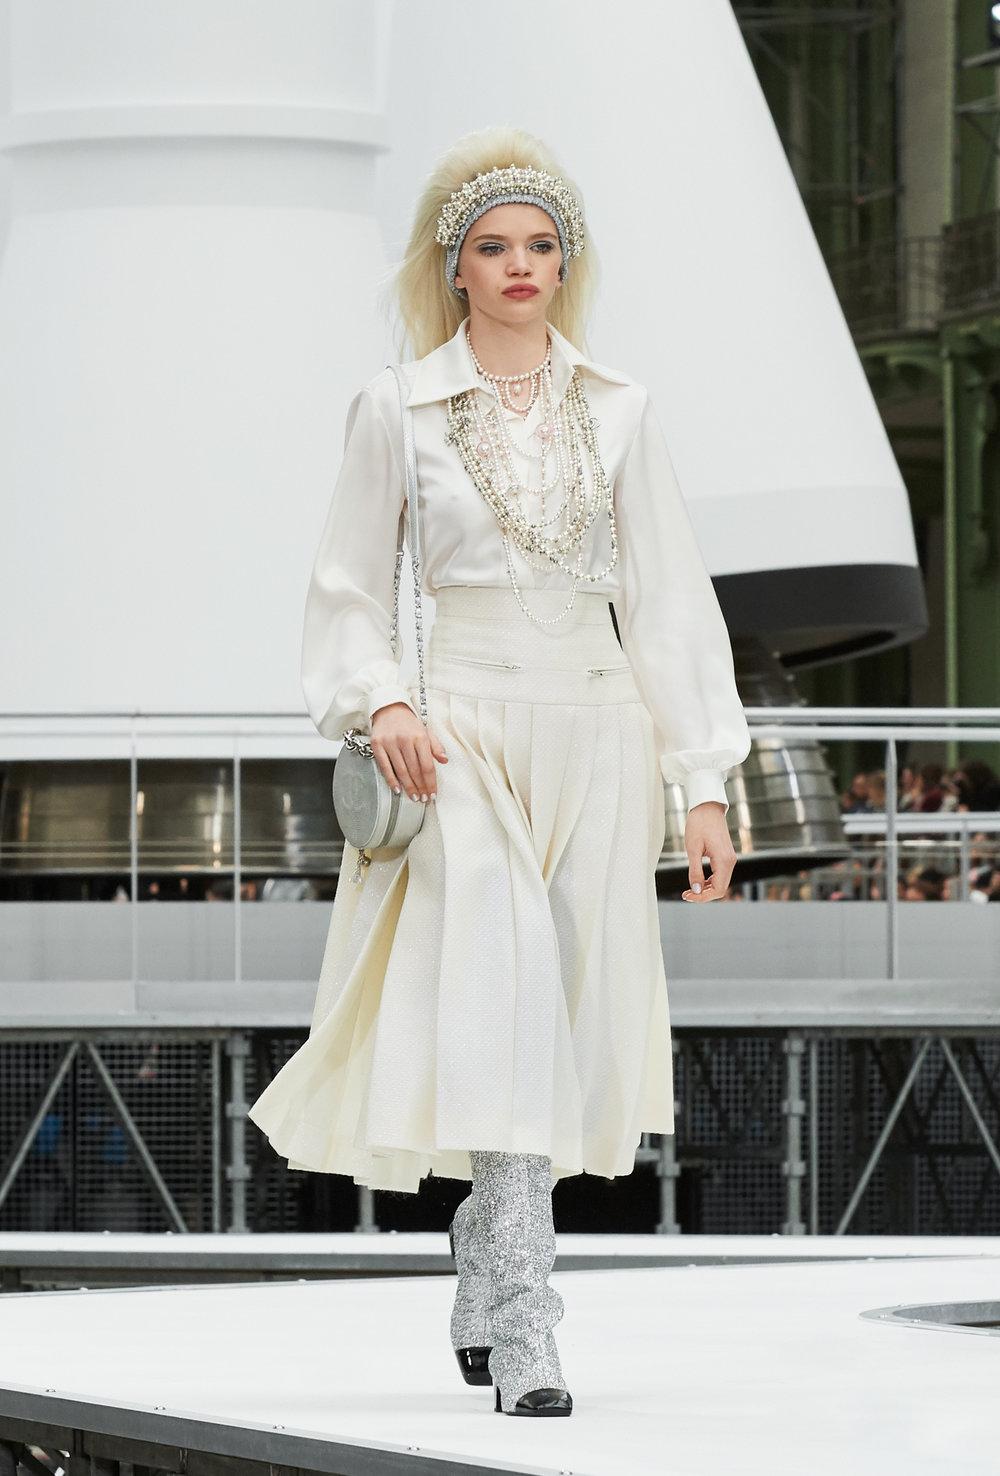 De Chanel esperamos tweed, lana, perlas y perfección... pero me encanta cuando me sorprende con algo inesperado! Esta falda está de infarto! // You know Chanel would nail it with this amazing skirt... and matching it with an amazing shirt and lot of pearls... well =)